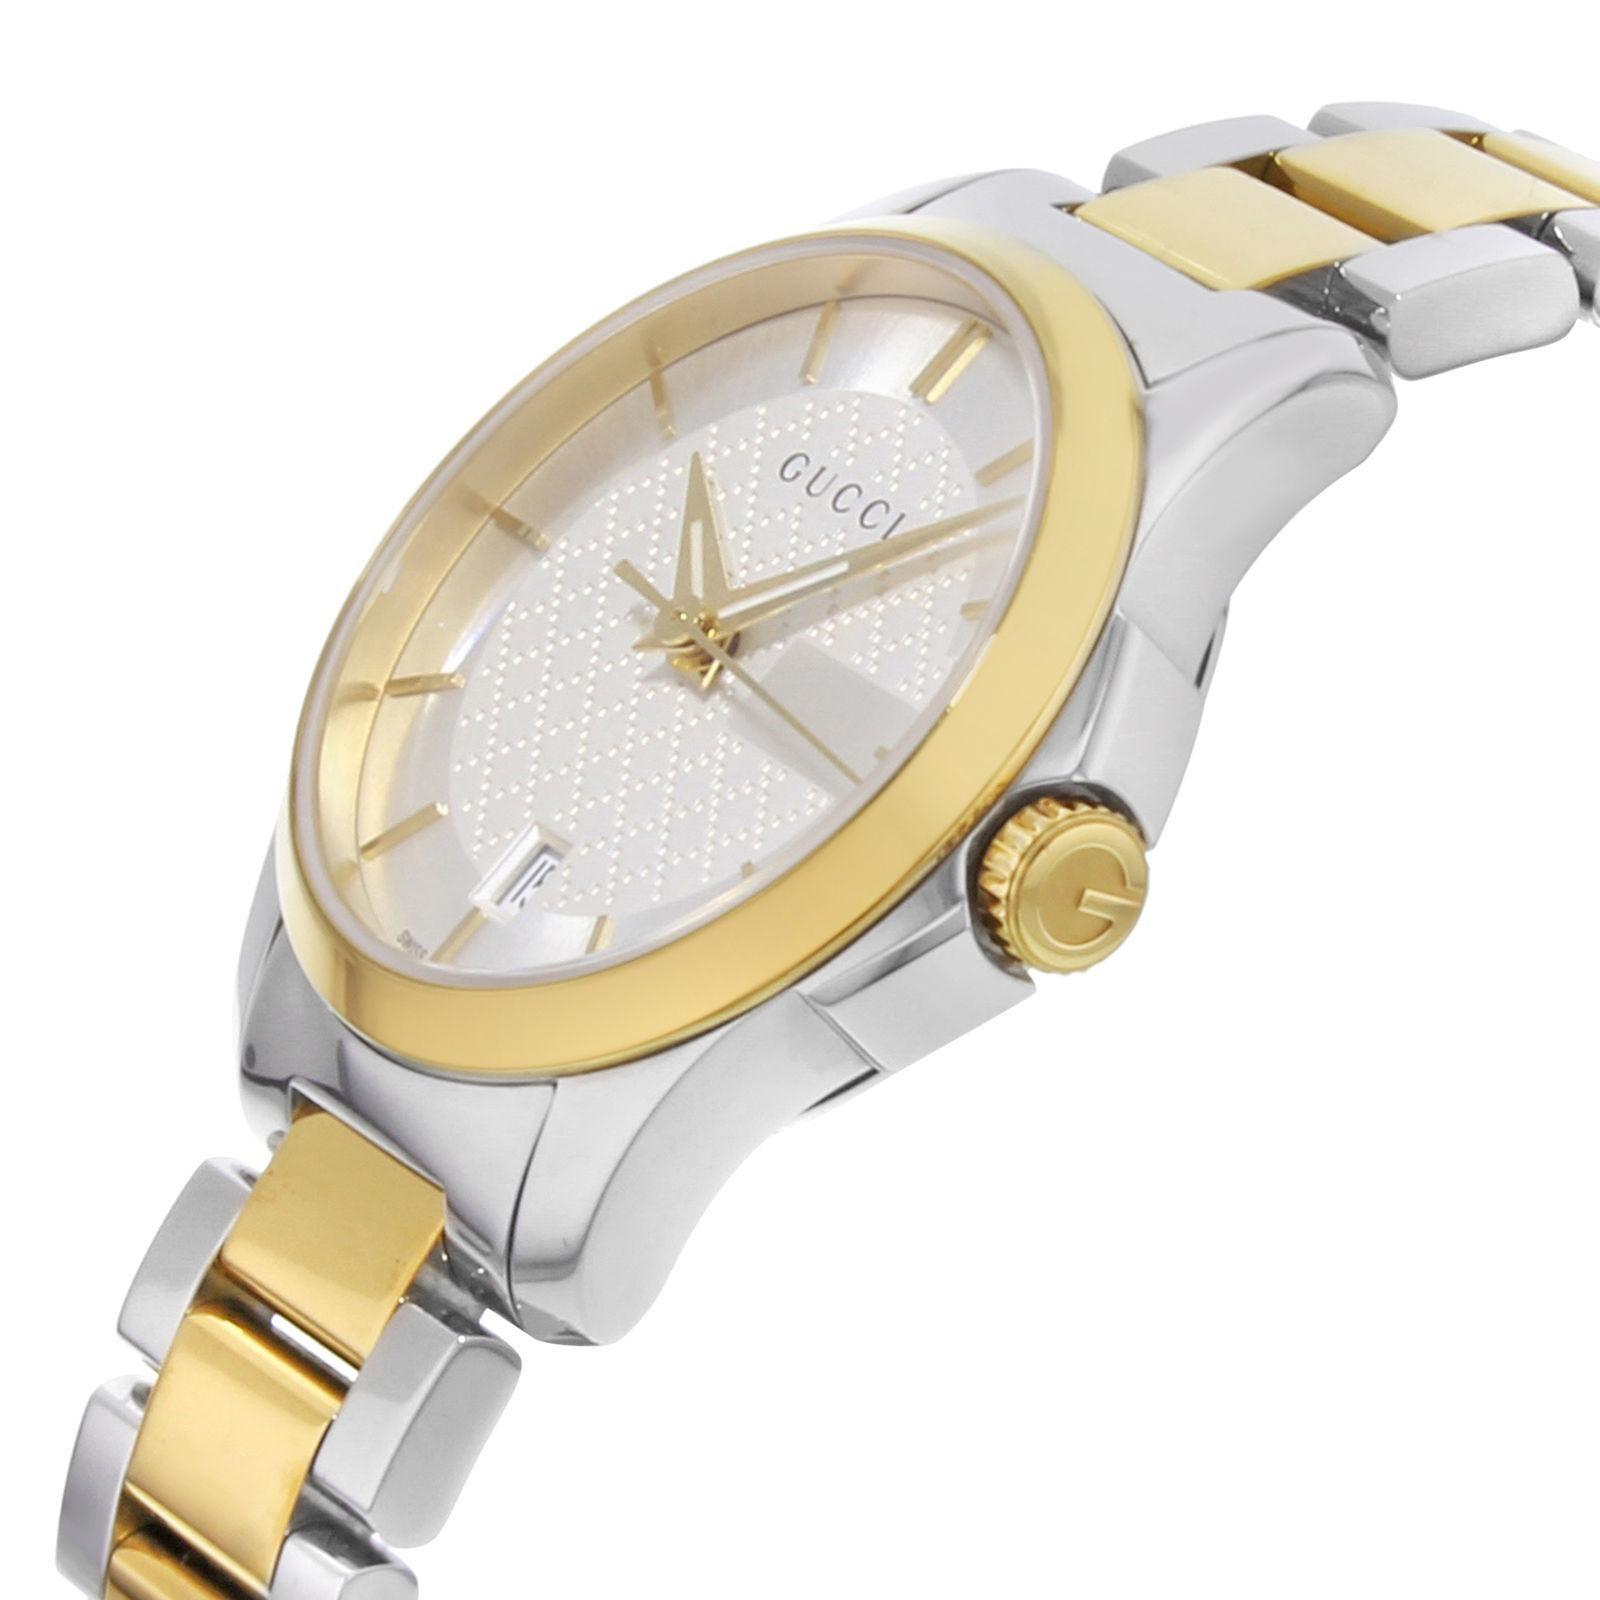 76f0879488f Gucci G-Timeless YA126531 Two-Tone Ion-Plated Steel Quartz Ladies Watch at  1stdibs